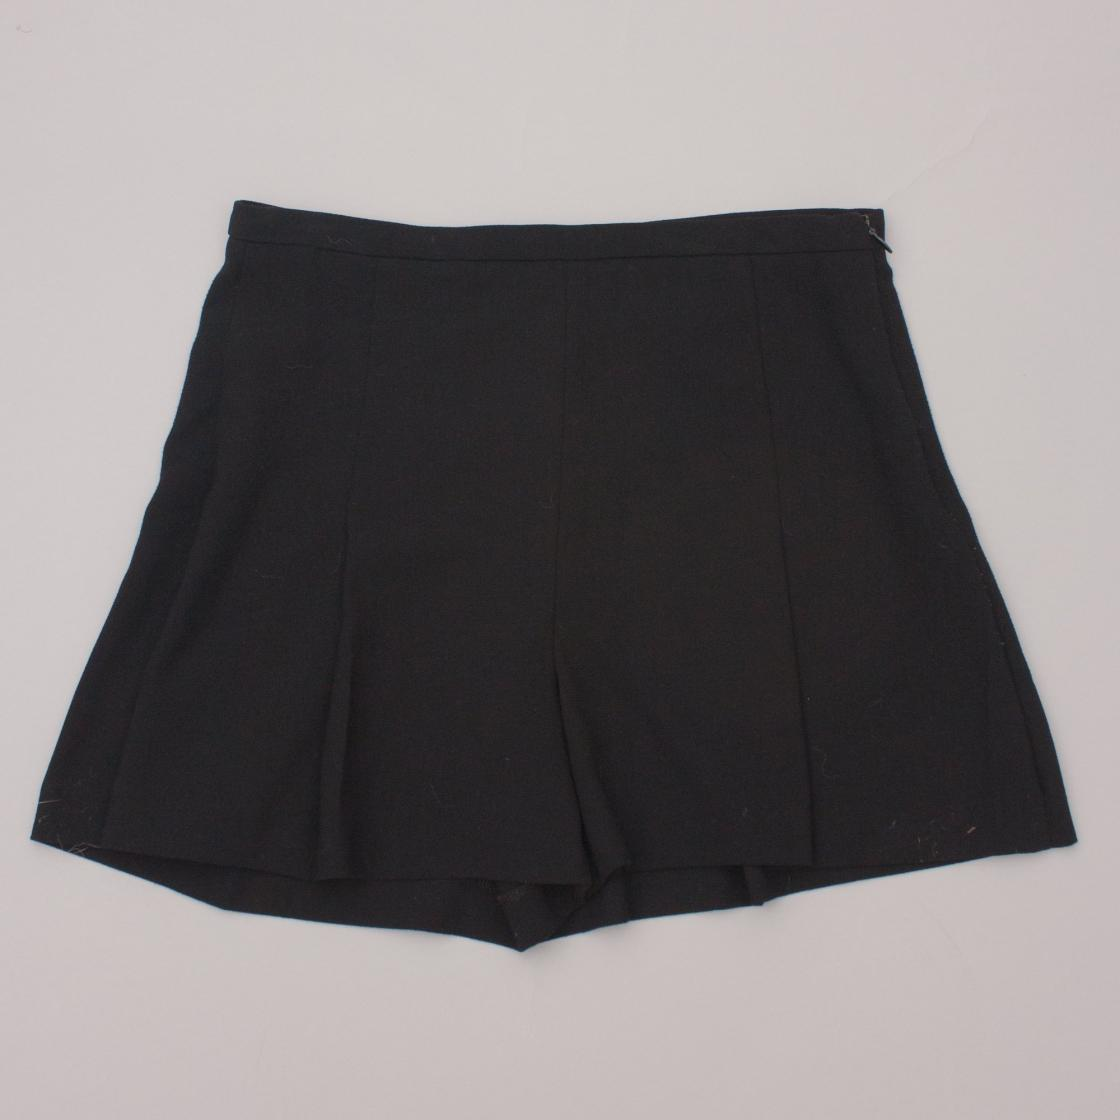 Zara Black Skirts